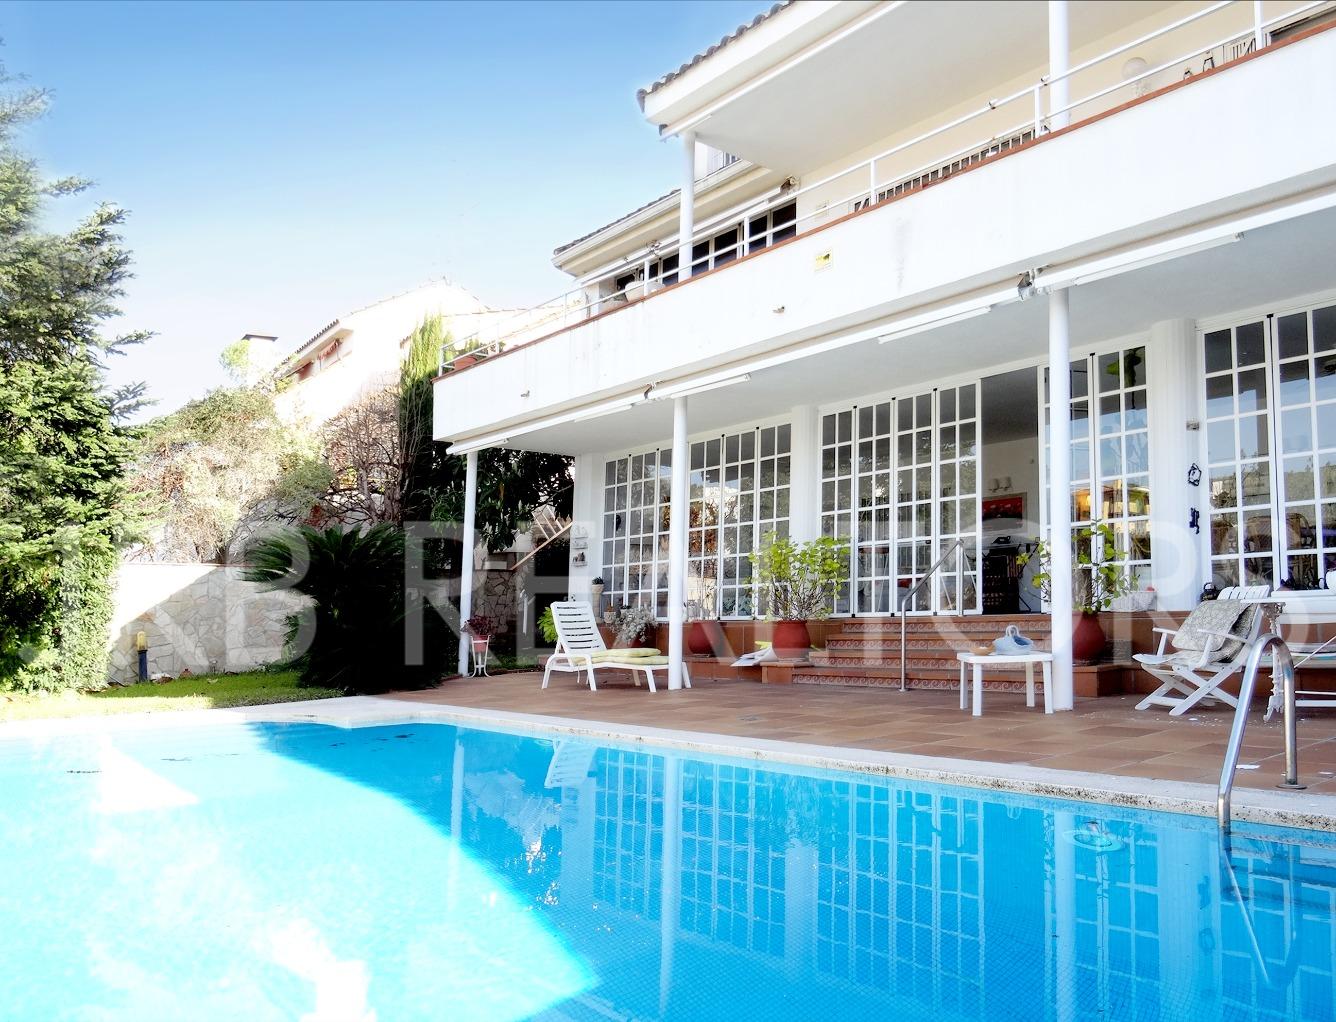 Casa  Sant andreu de llavaneres, zona de - sant andreu de llavaneres. Preciosa casa en st andreu de llavaneres, amplios espacios y est